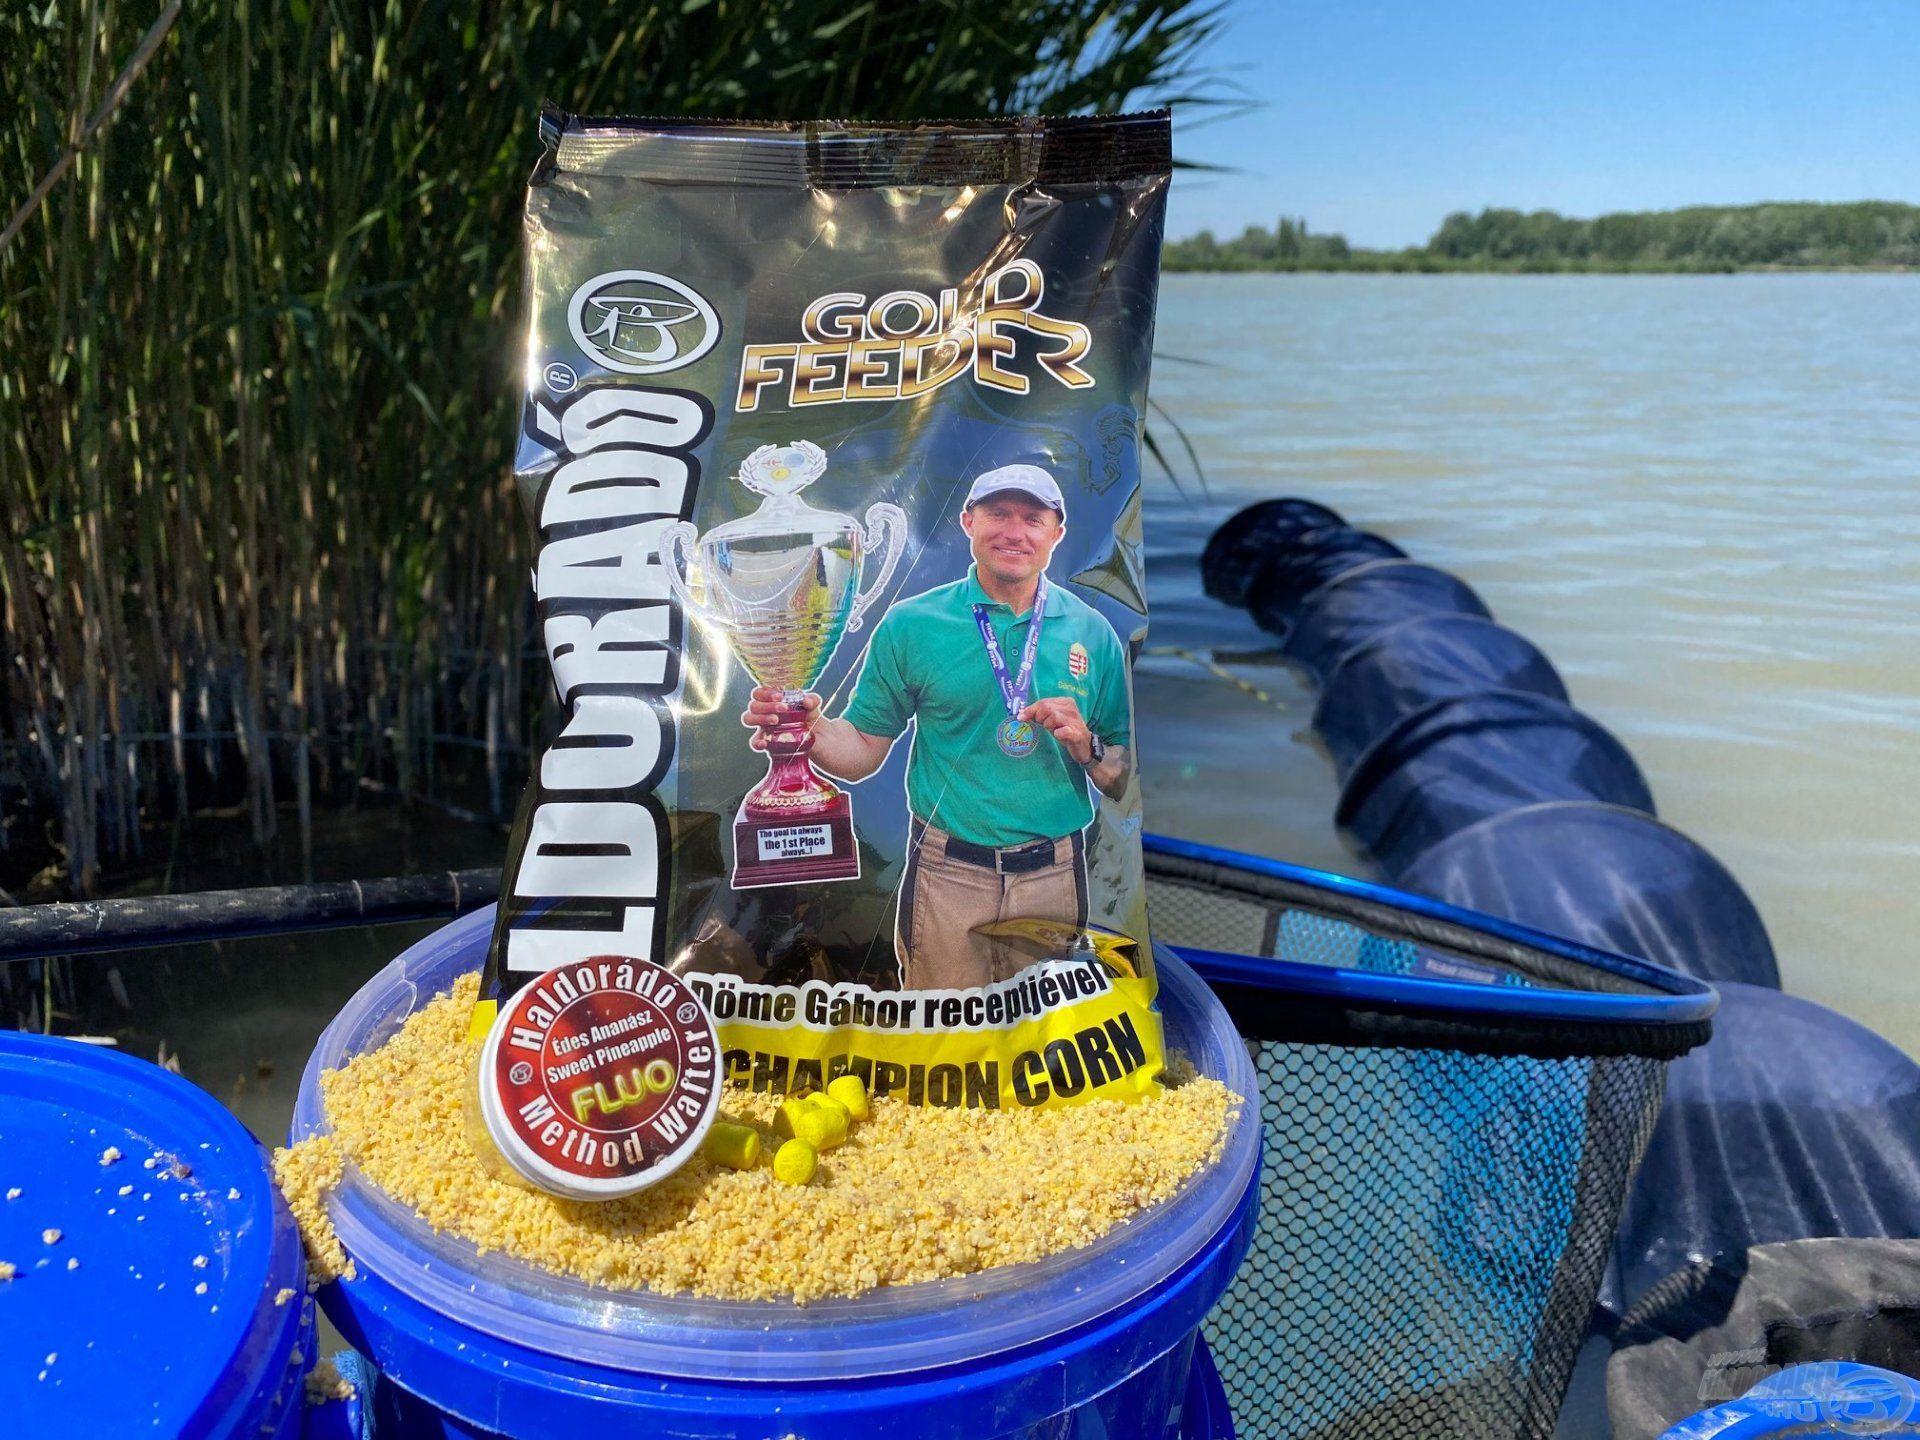 Az egyesületi tavakon gyakran a kukoricás alapú etetőanyagok a leghatékonyabbak, kínálatunkban a legjobb ilyen típus a Gold Feeder Champion Corn